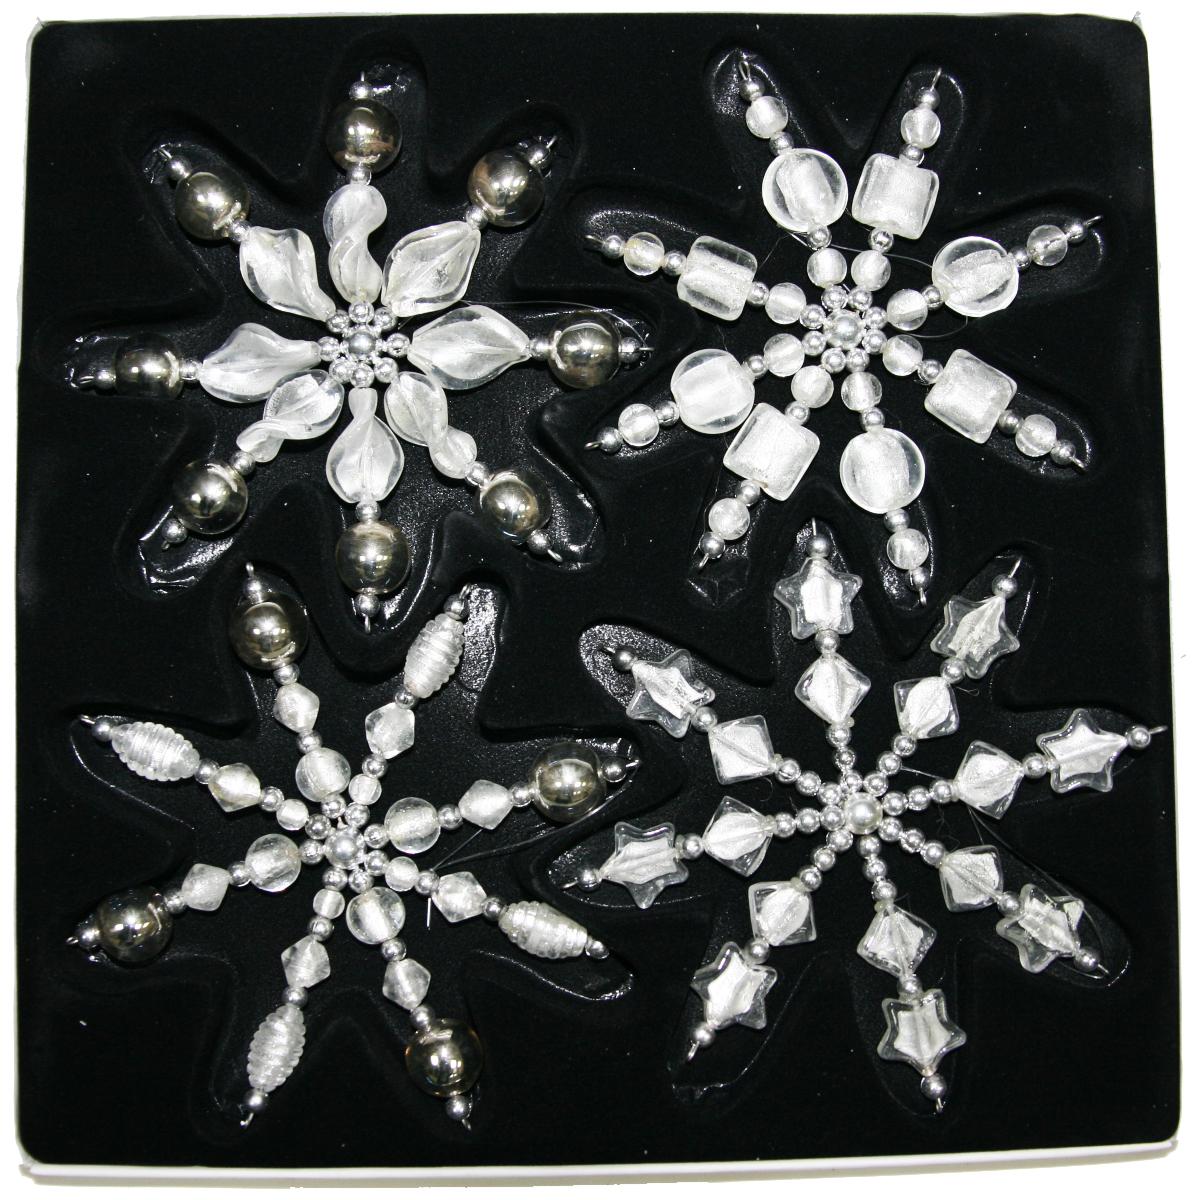 Украшение новогоднее подвесное Lovemark Снежинка, цвет: серебряный, 4 шт, высота 16 см4528Новогоднее подвесное украшение Lovemark Снежинкавыполнено из прозрачного стекла. Спомощьюспециальной петельки украшение можно повесить влюбом понравившемся вамместе. Но, конечно, удачнее всего оно будетсмотреться на праздничной елке.Елочная игрушка - символ Нового года. Она несет всебе волшебство и красотупраздника. Создайте в своем доме атмосферувеселья и радости, украшаяновогоднюю елку нарядными игрушками, которыебудут из года в год накапливатьтеплоту воспоминаний.Высота украшения: 16 см.